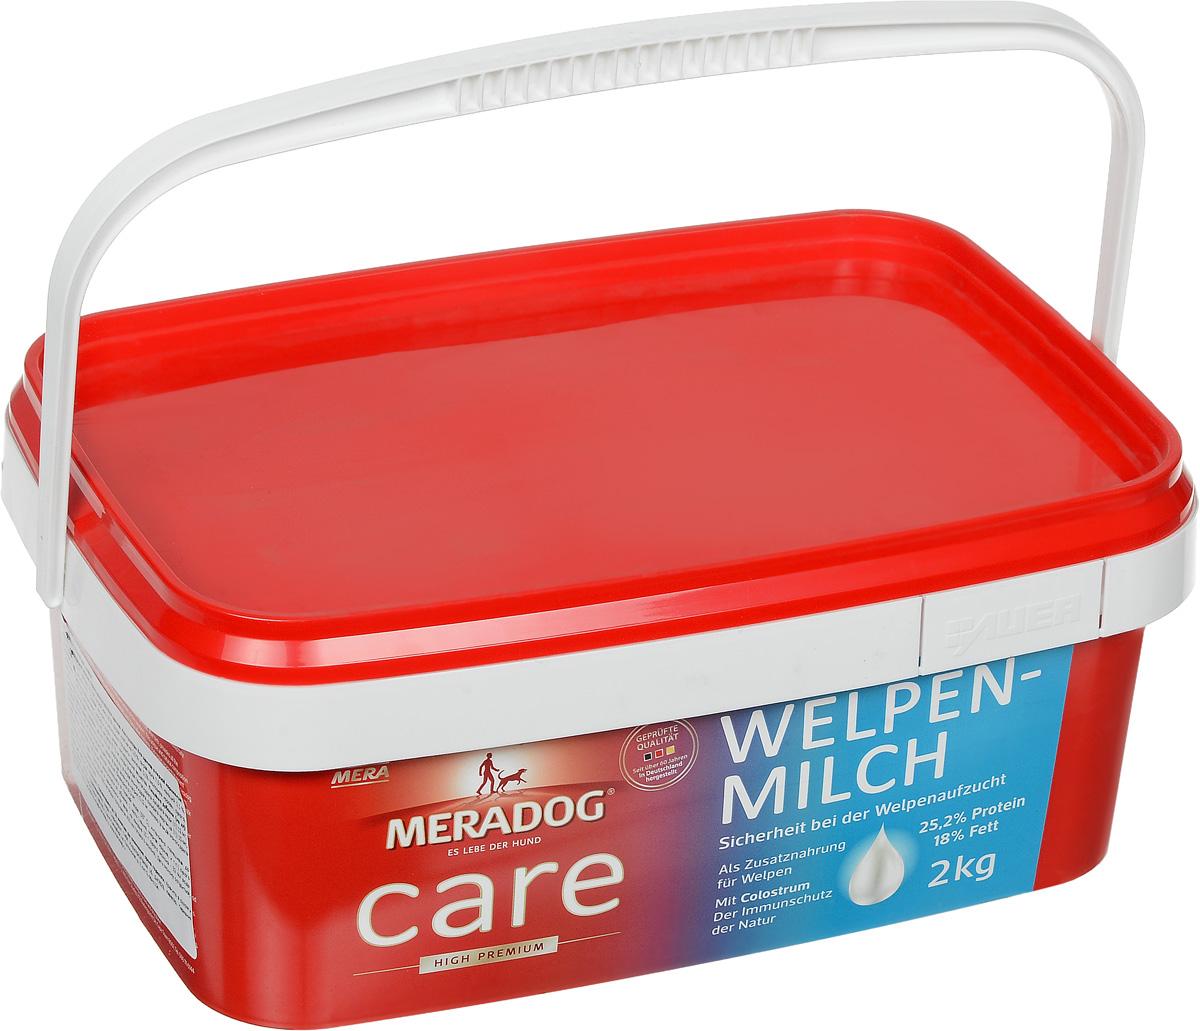 Молоко сухое для щенков Meradog Welpenmilch, 2 кг12171996Молоко для щенков Meradog Welpenmilch - лучшая замена сучьего молока. Это полноценная еда для щенков. Сухое молоко Meradog Welpenmilch можно использовать как прикорм для щенков в период кормления.ОсобенностиMeradog Welpenmilch:1) Обогащен молозивом - это вещество, вырабатываемое молочными железами животного в первые 3 - 5 дней после родов. Оно является ценнейшим продуктом, так как содержит иммуноглобулины, минеральные вещества, витамины и факторы роста. Благодаря этому ингредиенту у щенка формируется сильный природный иммунитет.2) Специально подобранные жиры и масла обеспечивают щенка ненасыщенными жирными кислотами, необходимыми для поддержания жизненно важных функций организма. Высокое содержание витаминов и микроэлементов завершает сбалансированную формулу питательных веществ молока для щенков.3) Произведено и упаковано в Германии.Состав: молоко и молочные продукты (включая 0,1% молозива коровы, сухого, насыщенного иммуноглобулинами), масла и жиры, злаки, минеральные вещества.Товар сертифицирован.